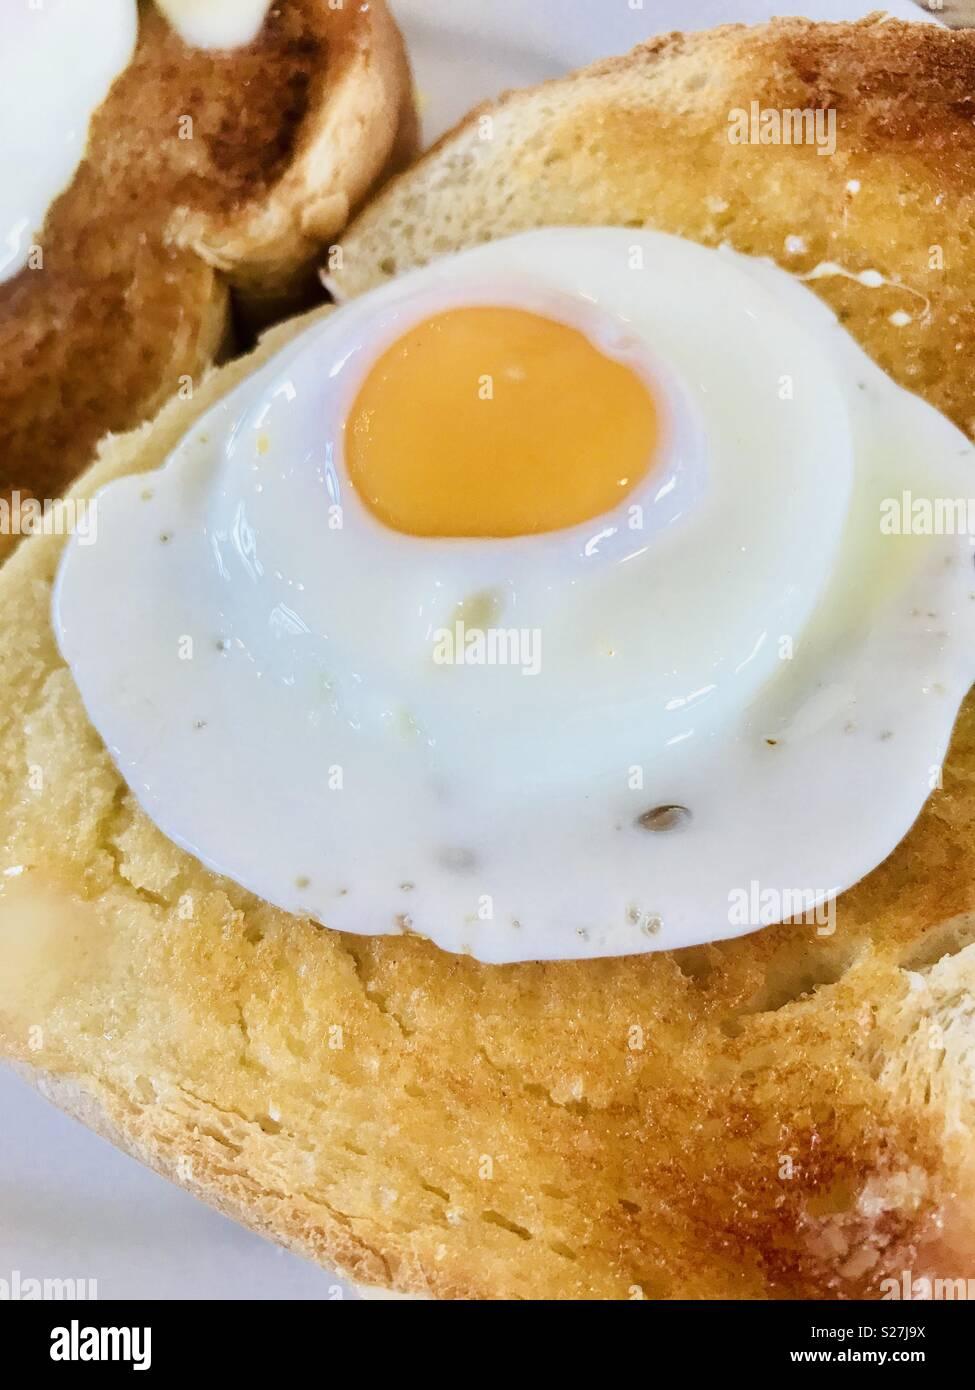 Fried egg on white toast - Stock Image